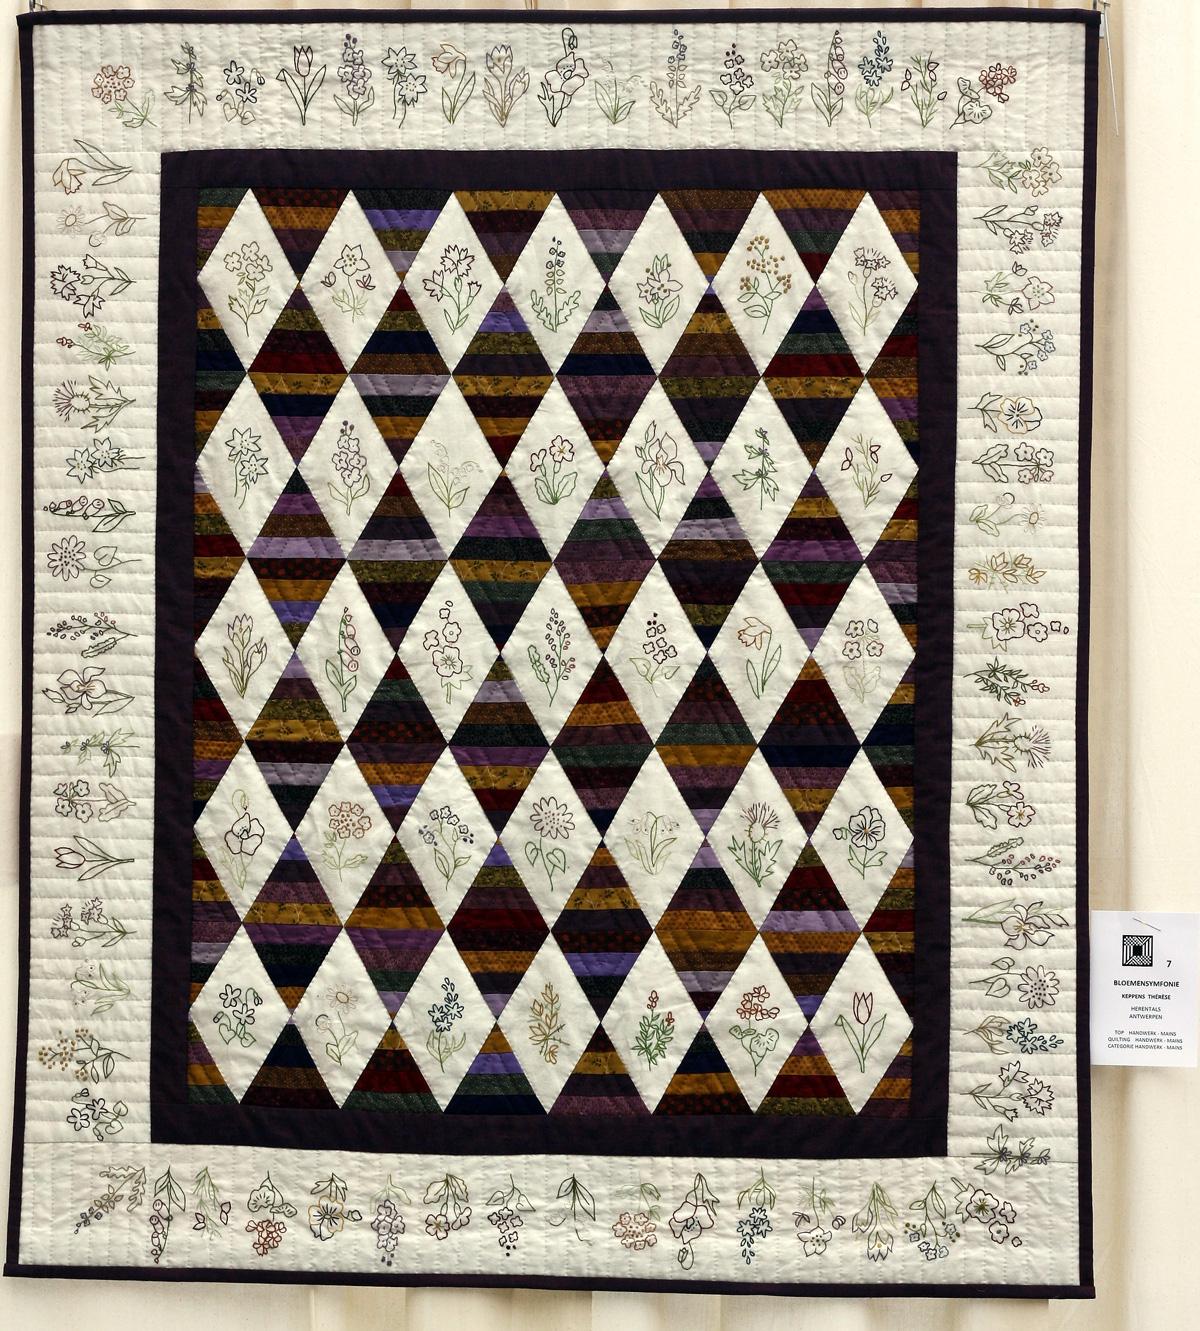 14   n°  07    77    Thérèse Keppens, Antwerpen, Bloemensymfonie,  110 cm x 125 cm